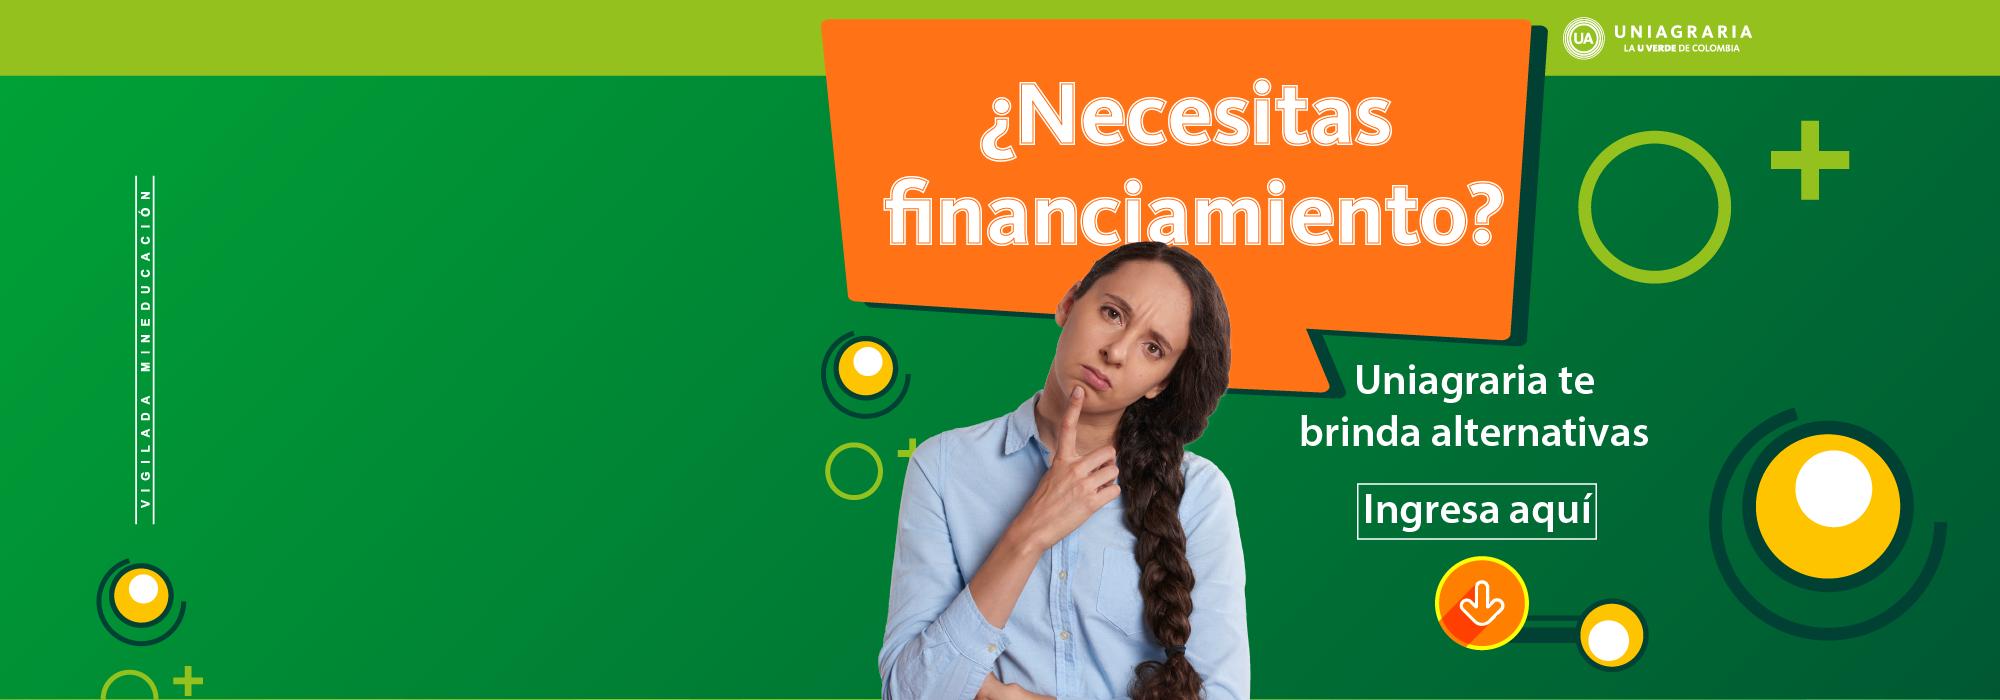 ¿Necesitas financiamiento?